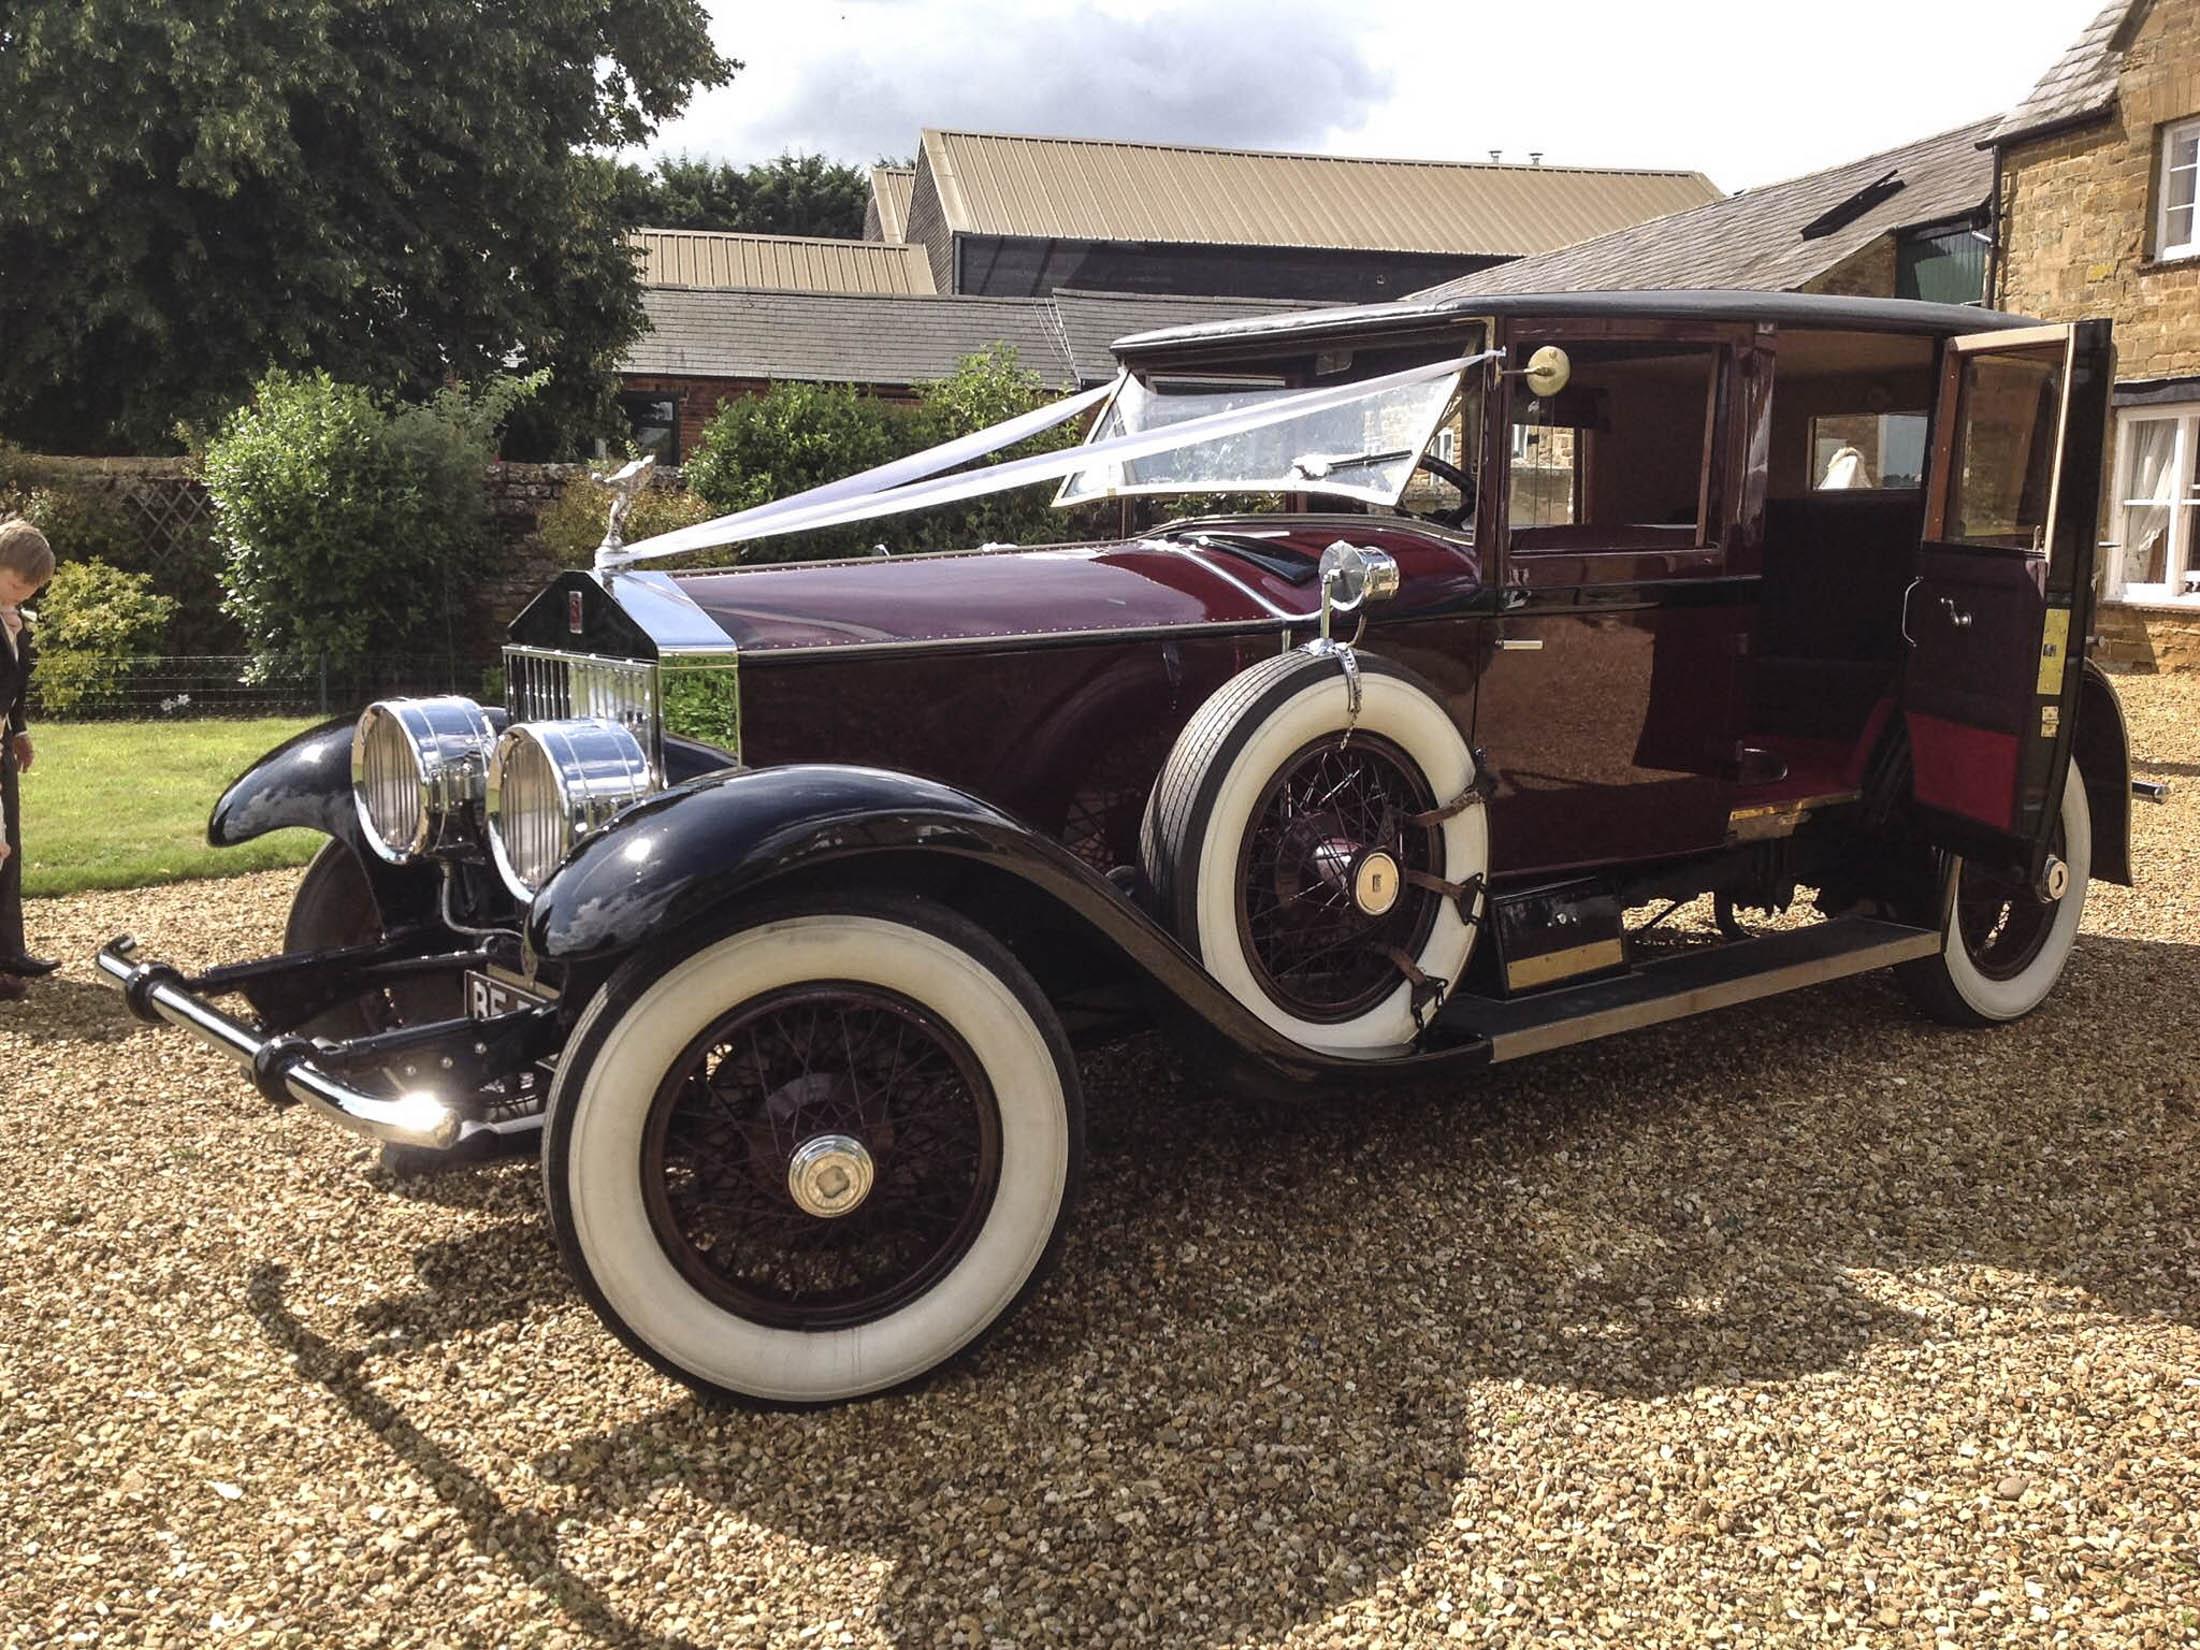 Buy Henry Goldman\'s 1928 Rolls-Royce Limo for $150,000 - Bloomberg ...